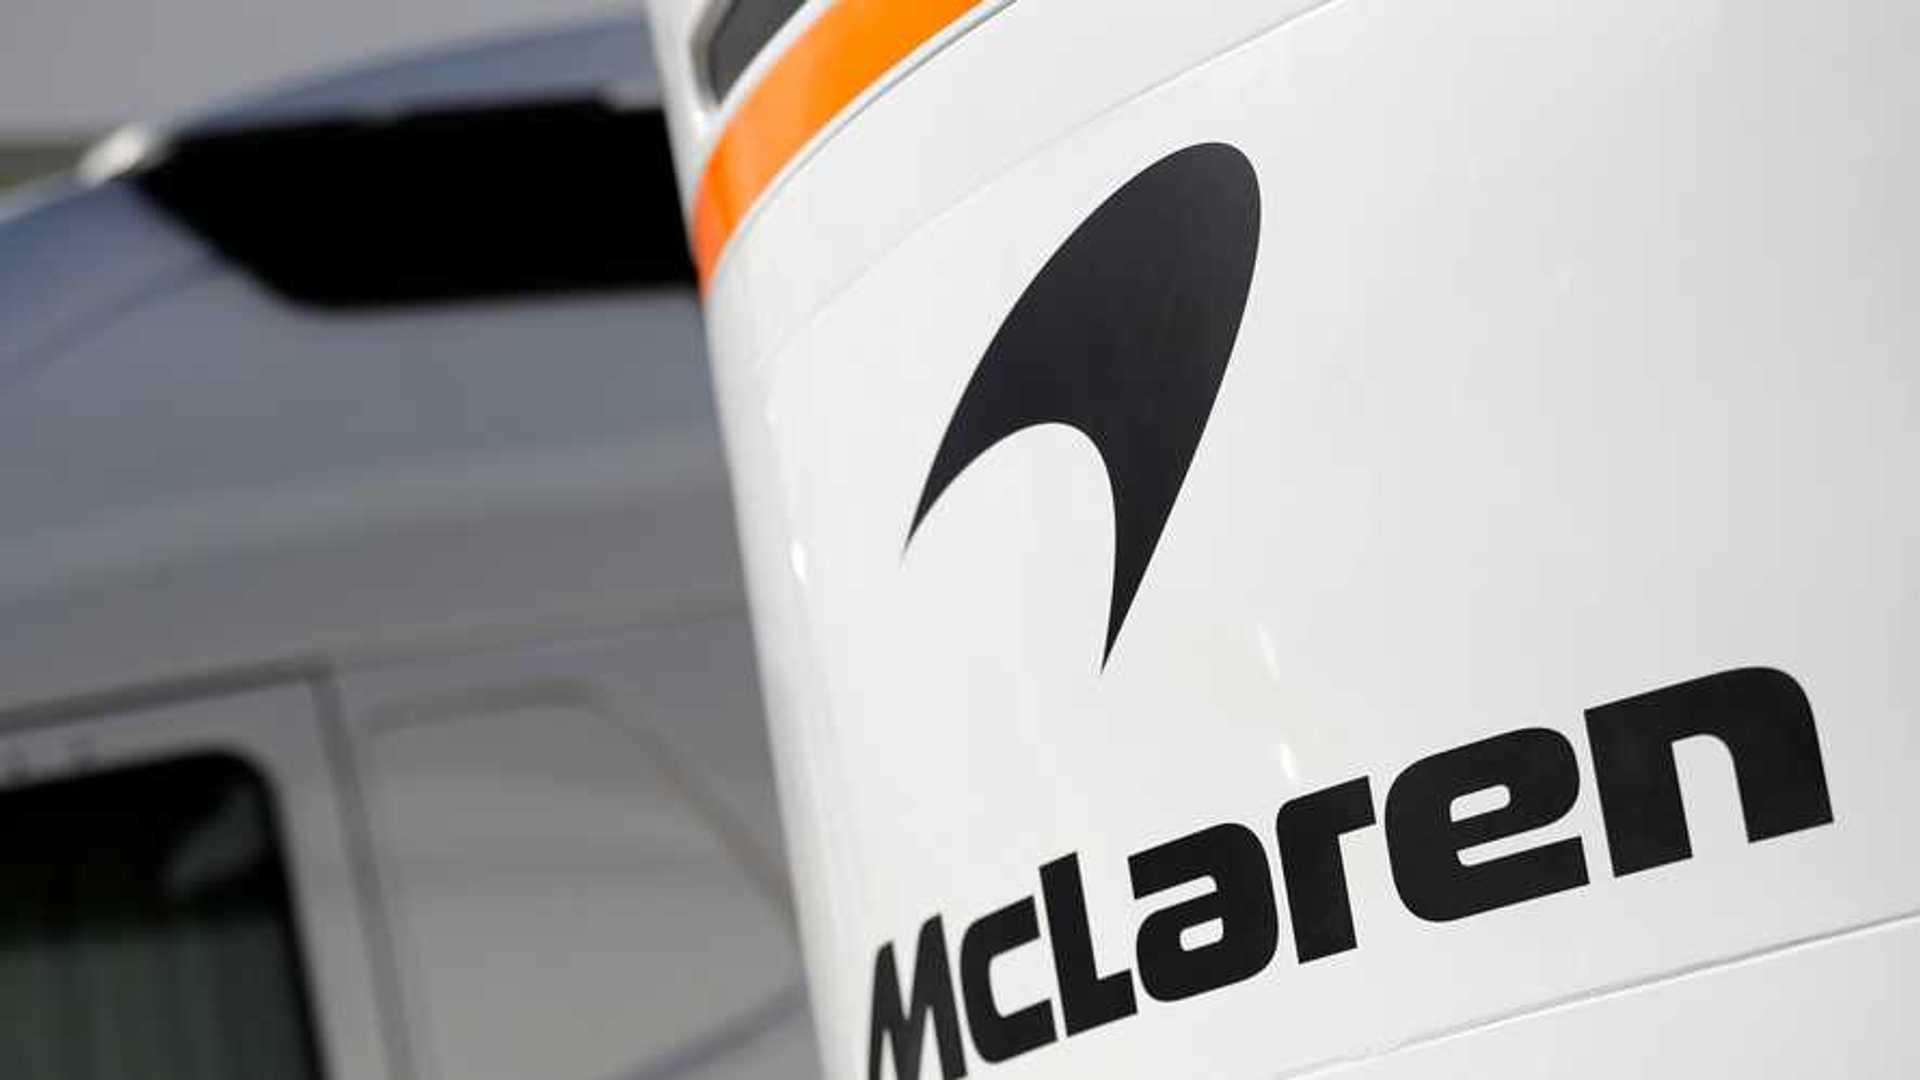 McLaren won't build hypercar, wants DPi in WEC